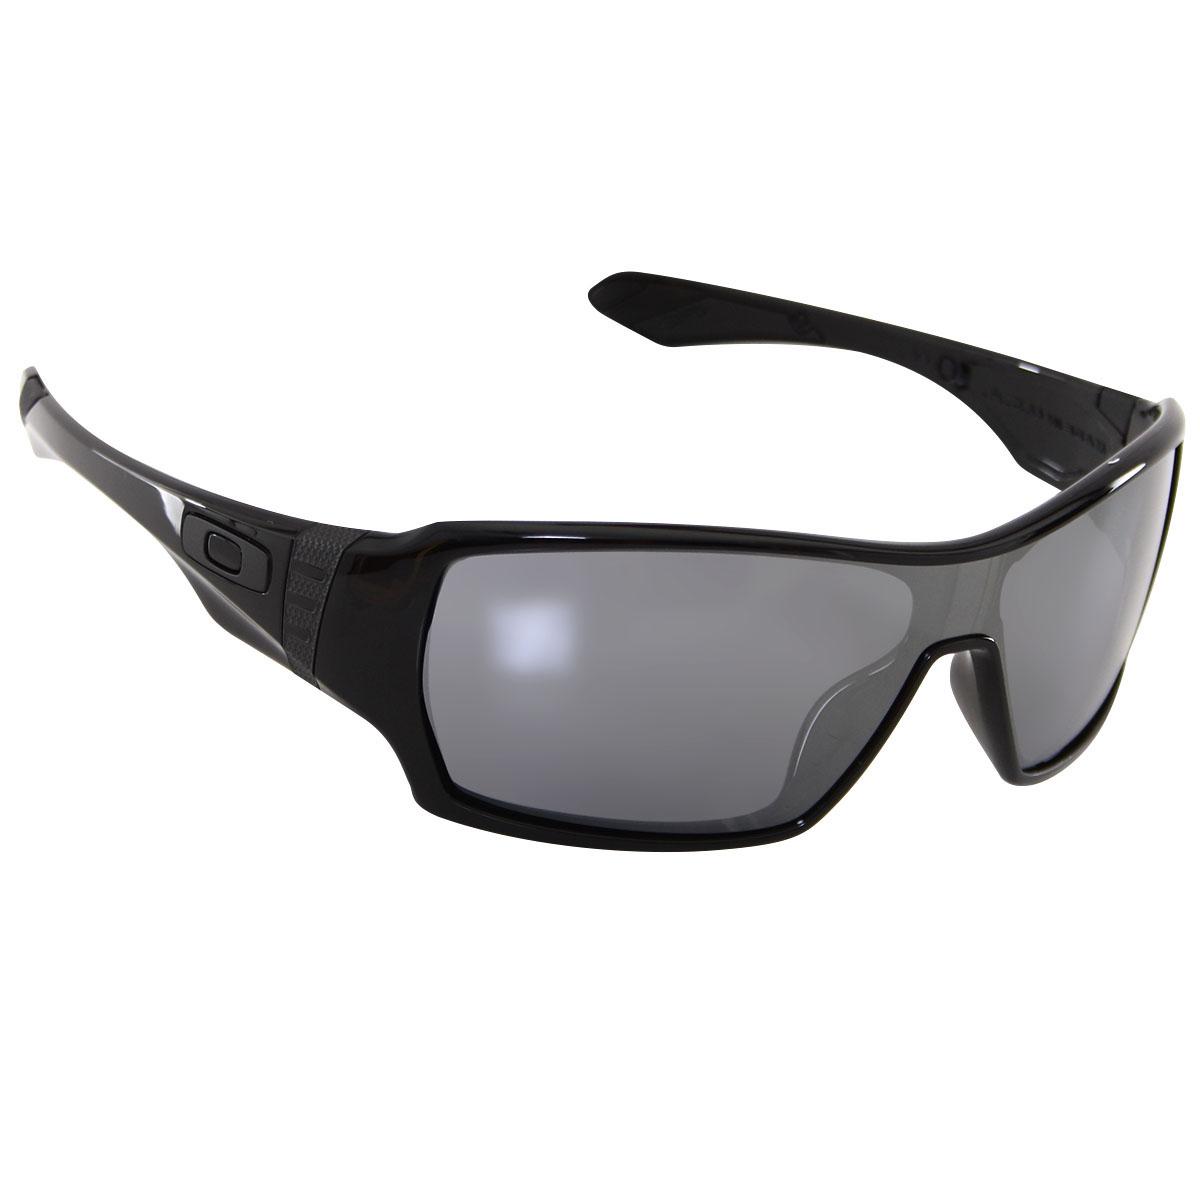 a7c97999edc8f Óculos Oakley Offshoot Polished Black Lente Black Iridium ref OO9190-03. Ótica  View Óculos de sol Oakley OO 9190 ...